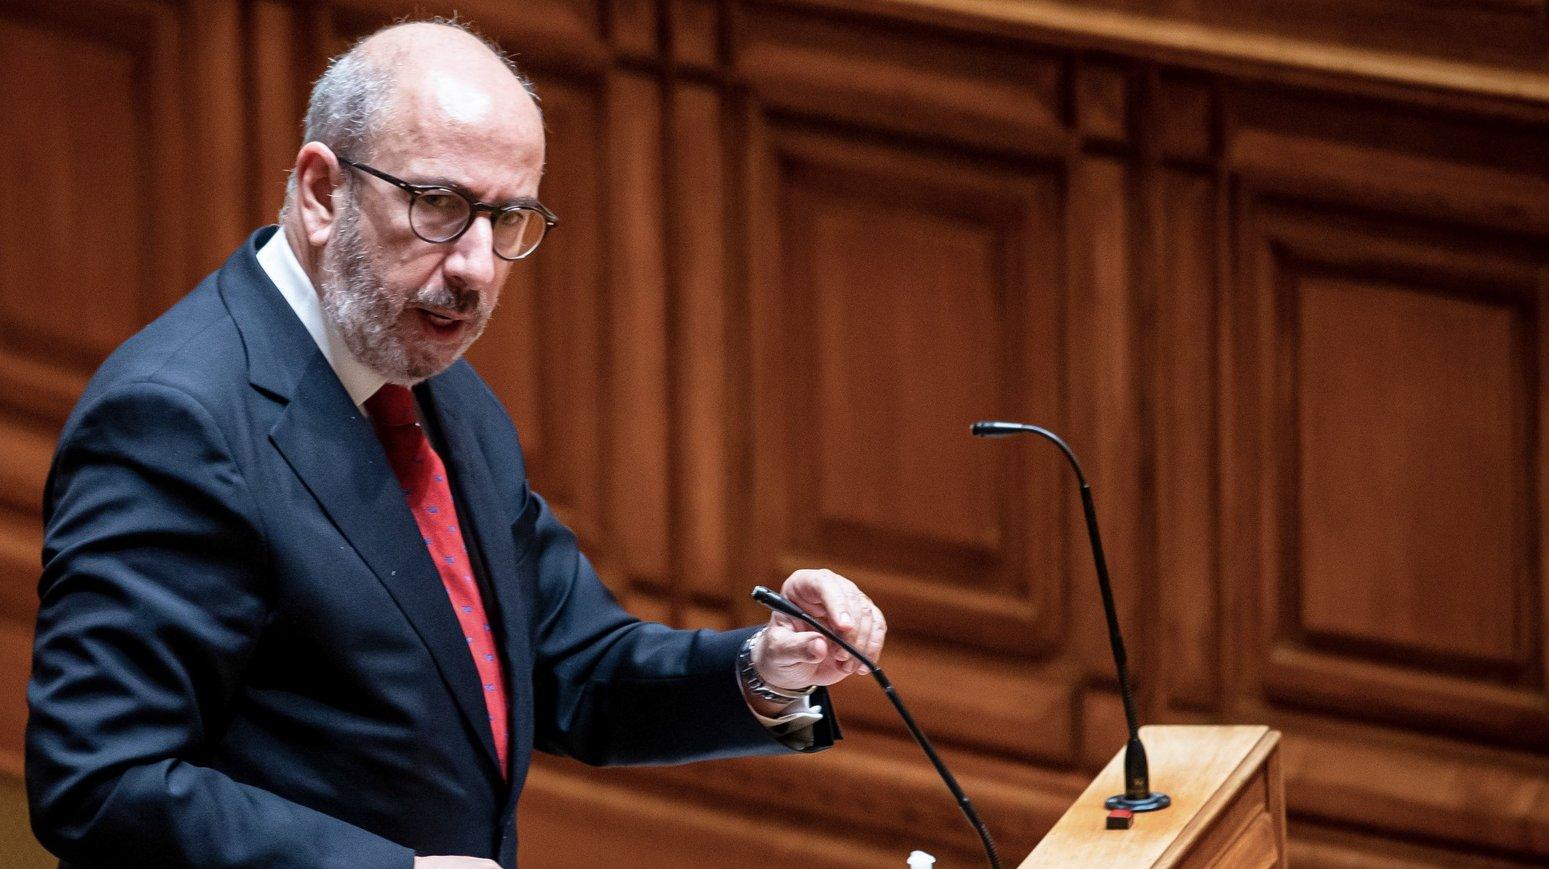 O líder parlamentar do CDS-PP, Telmo Correia, usa da palavra durante o debate sobre o pedido de renovação do estado de emergência, na Assembleia da República, em Lisboa, 25 de fevereiro de 2021. JOSÉ SENA GOULÃO/LUSA